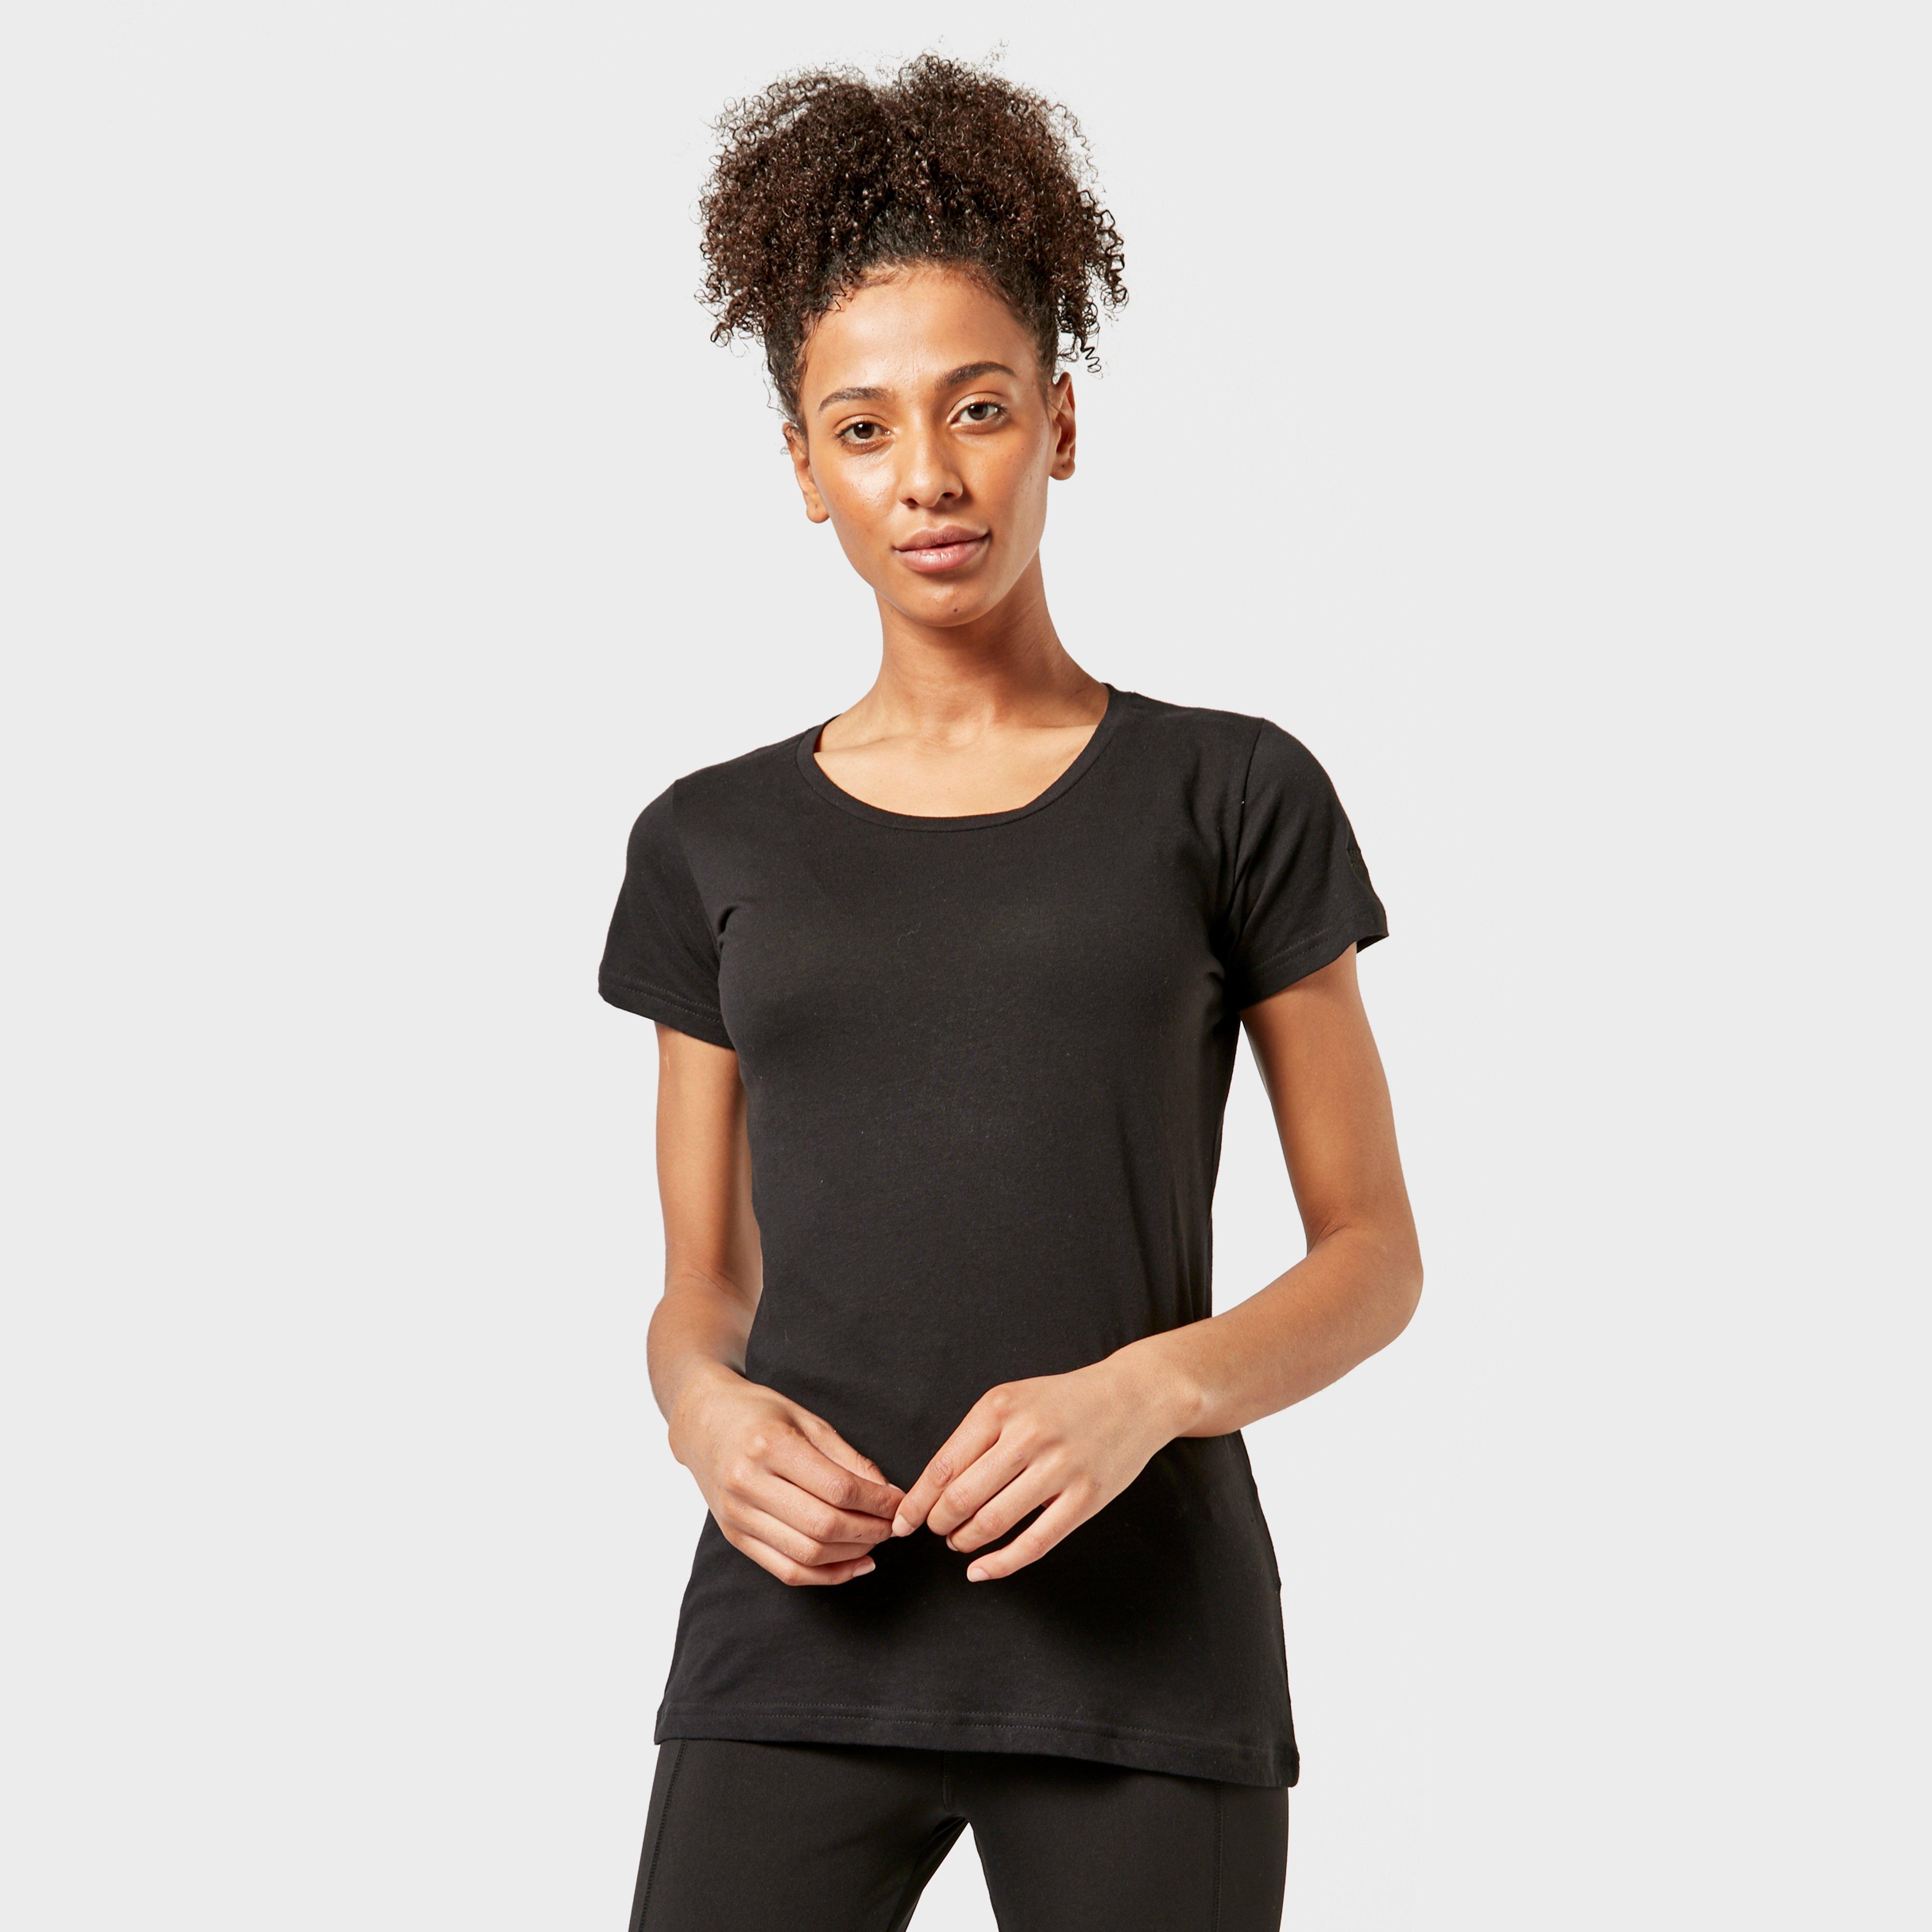 Regatta Regatta Womens Plain T-Shirt - Black, Black